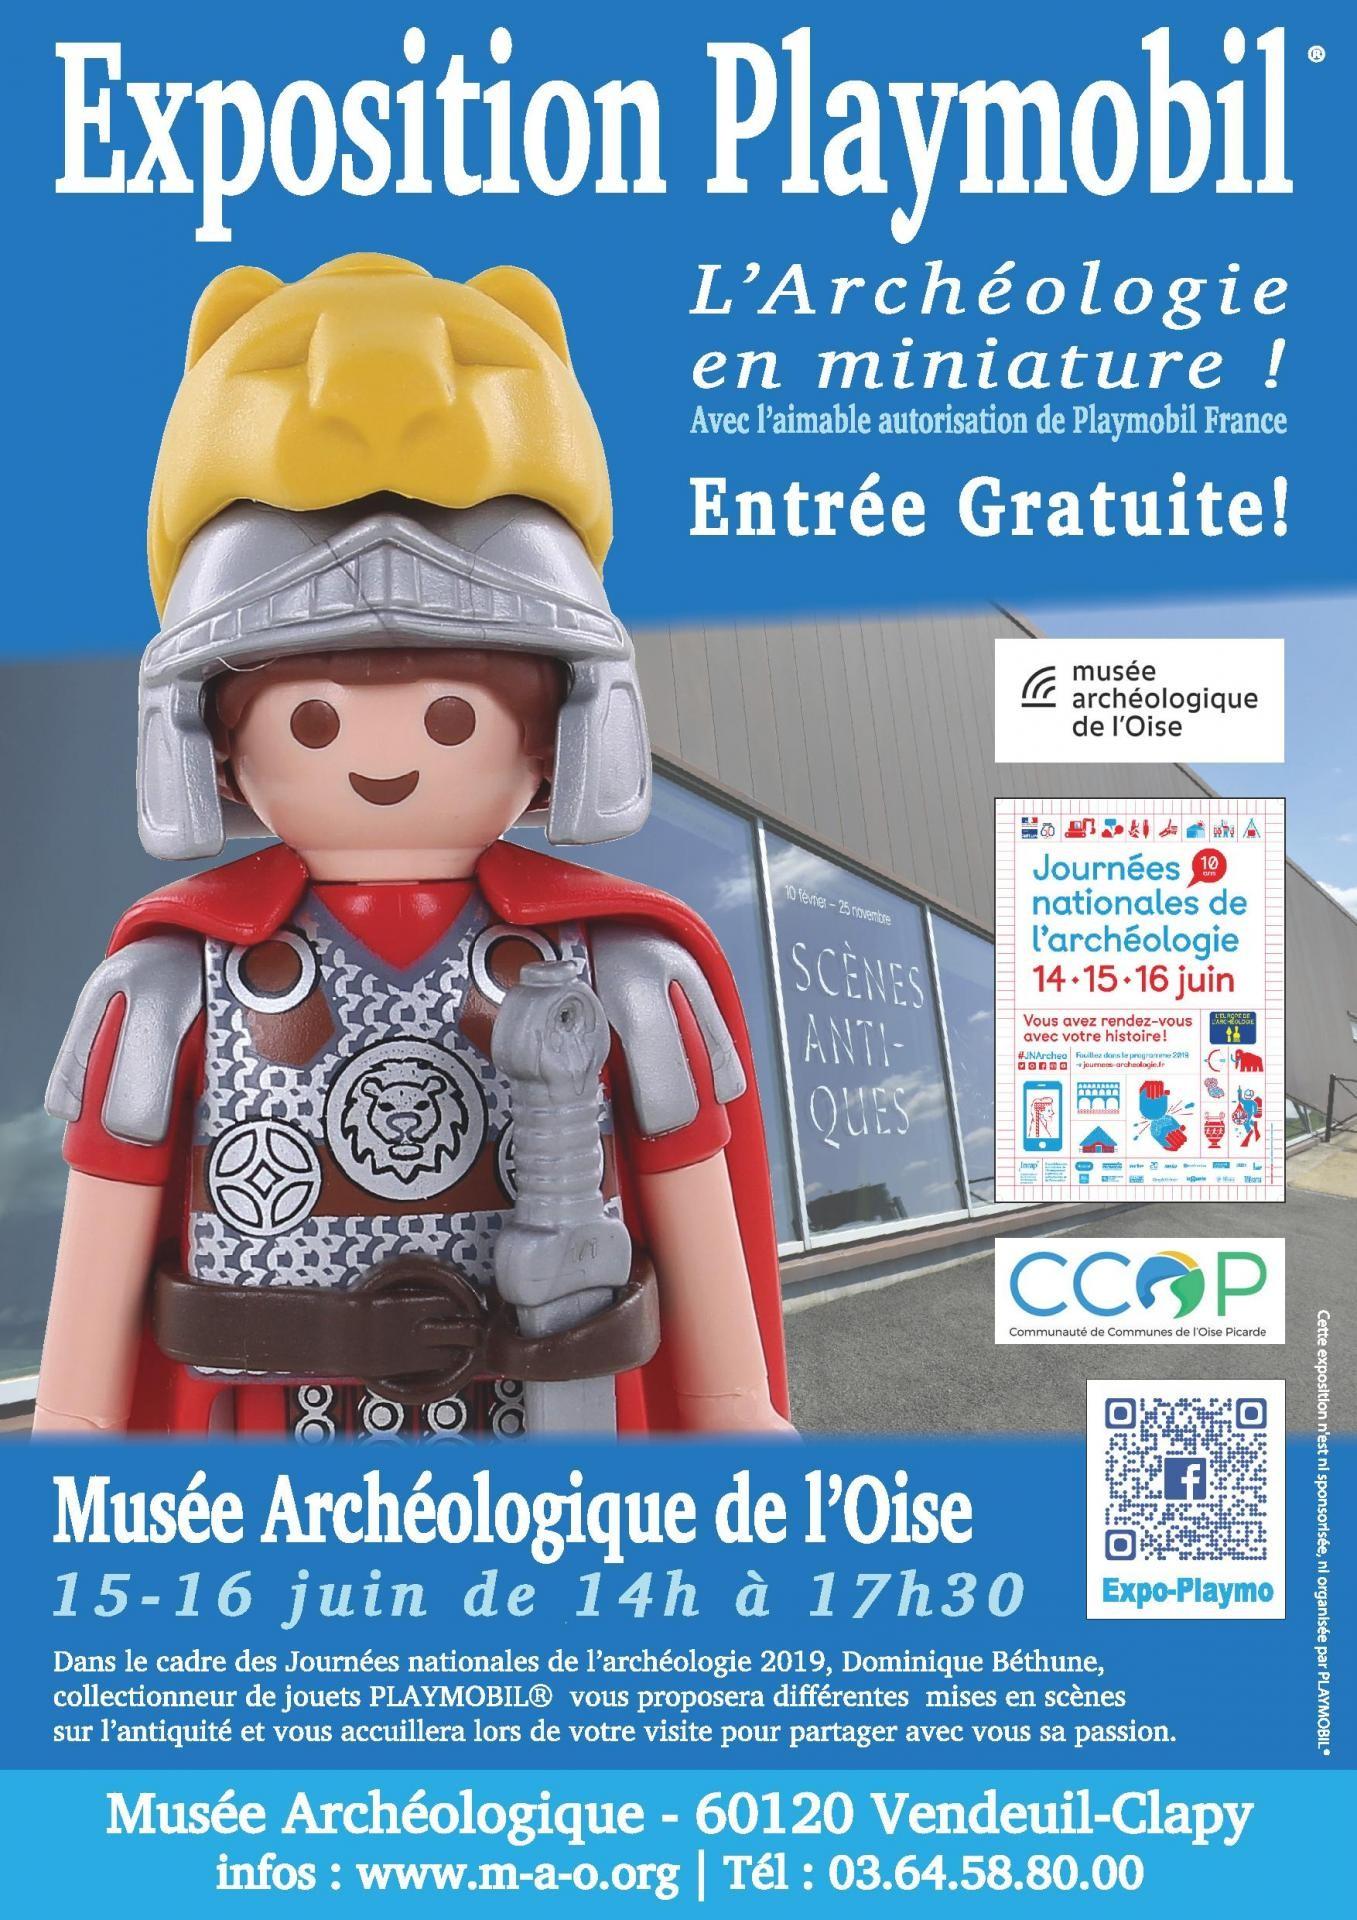 Affiche expo playmobil archeologique de l oise 2019